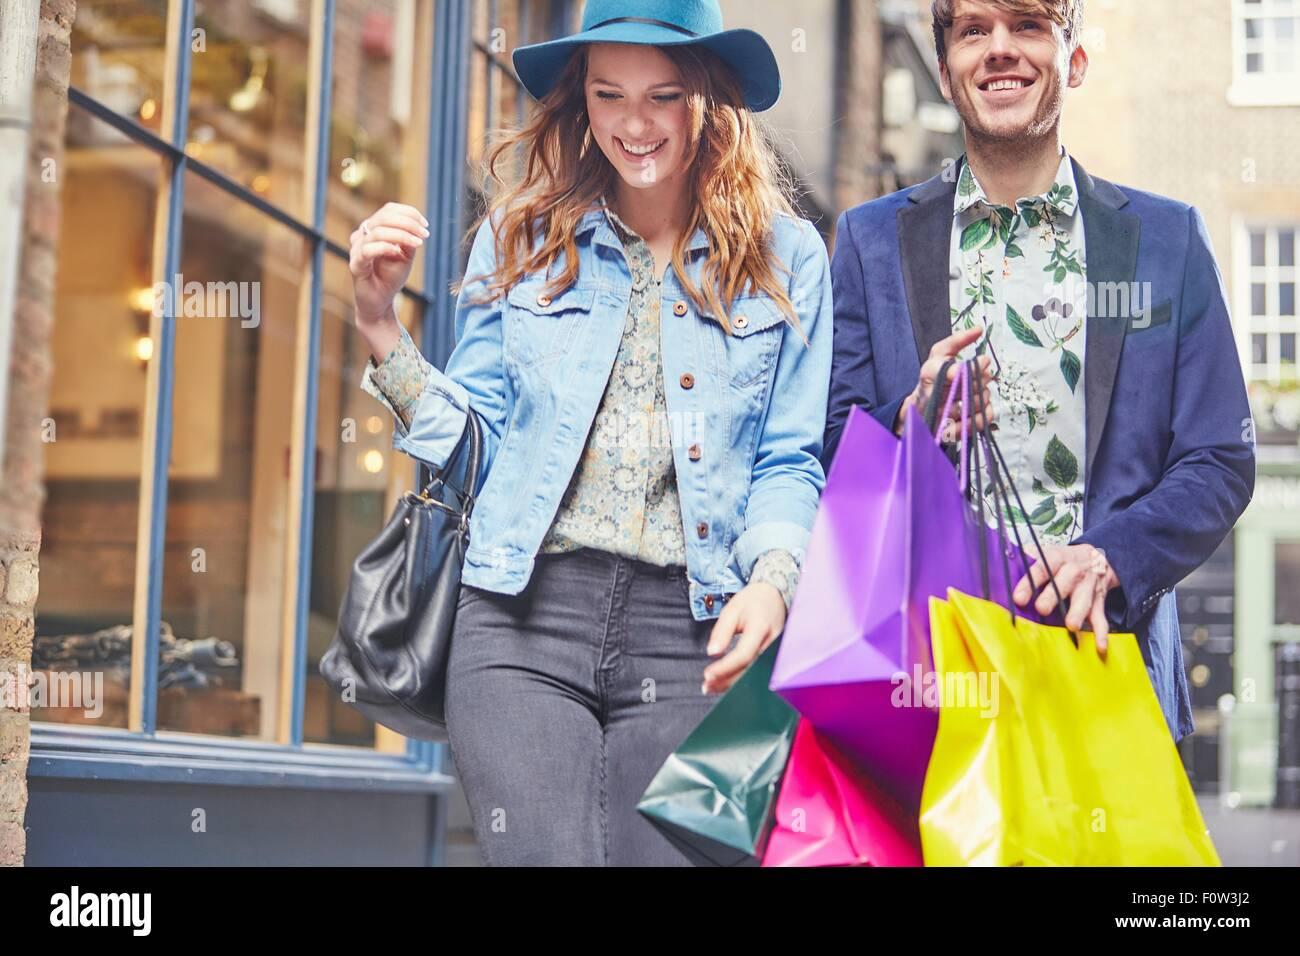 Elegante giovane su Shopping Spree, London, Regno Unito Immagini Stock